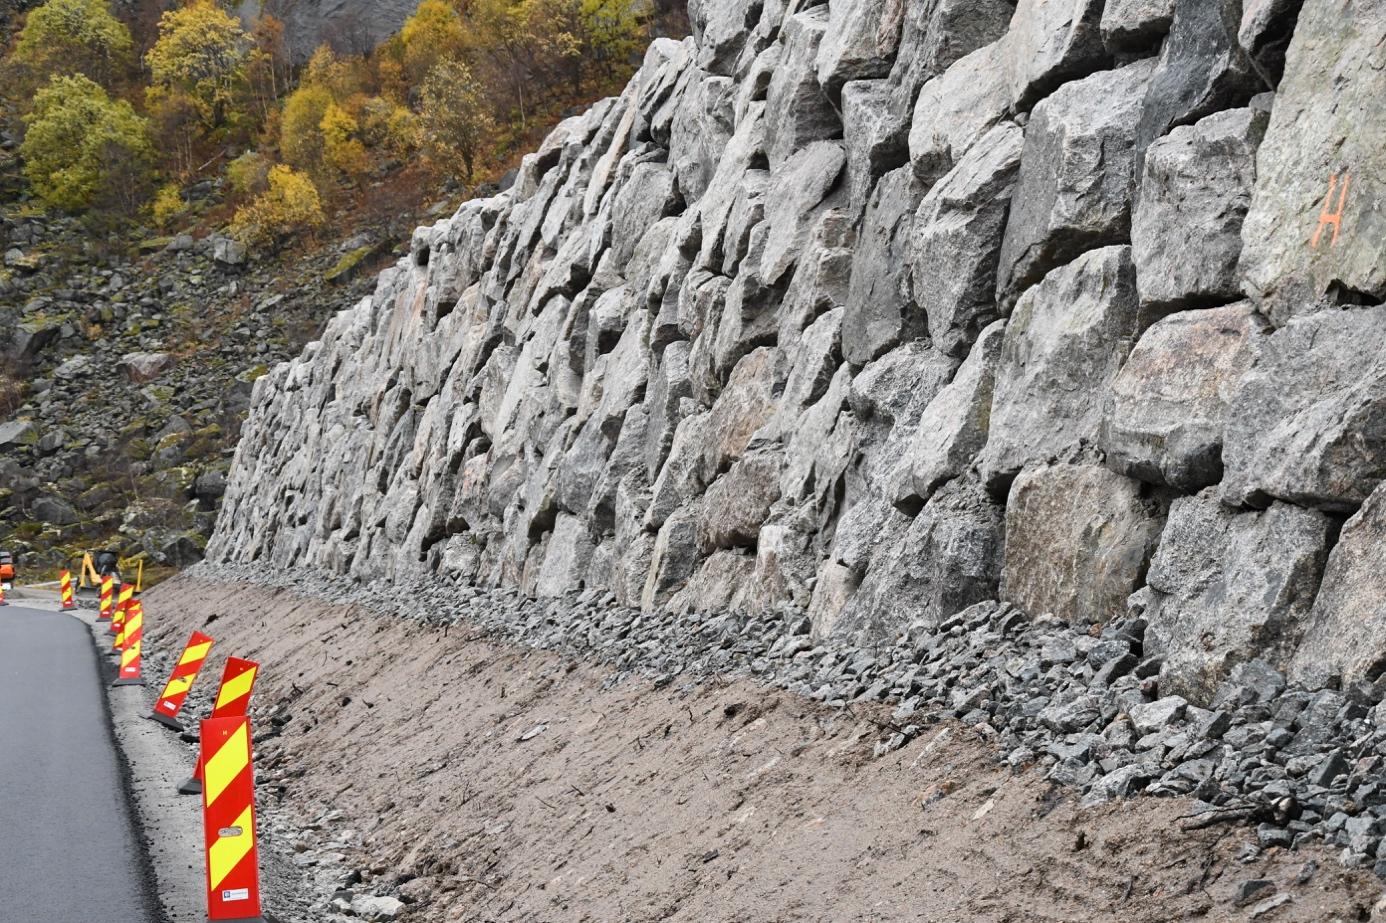 Et bilde som inneholder utendørs, stein, bygning, steinete  Automatisk generert beskrivelse